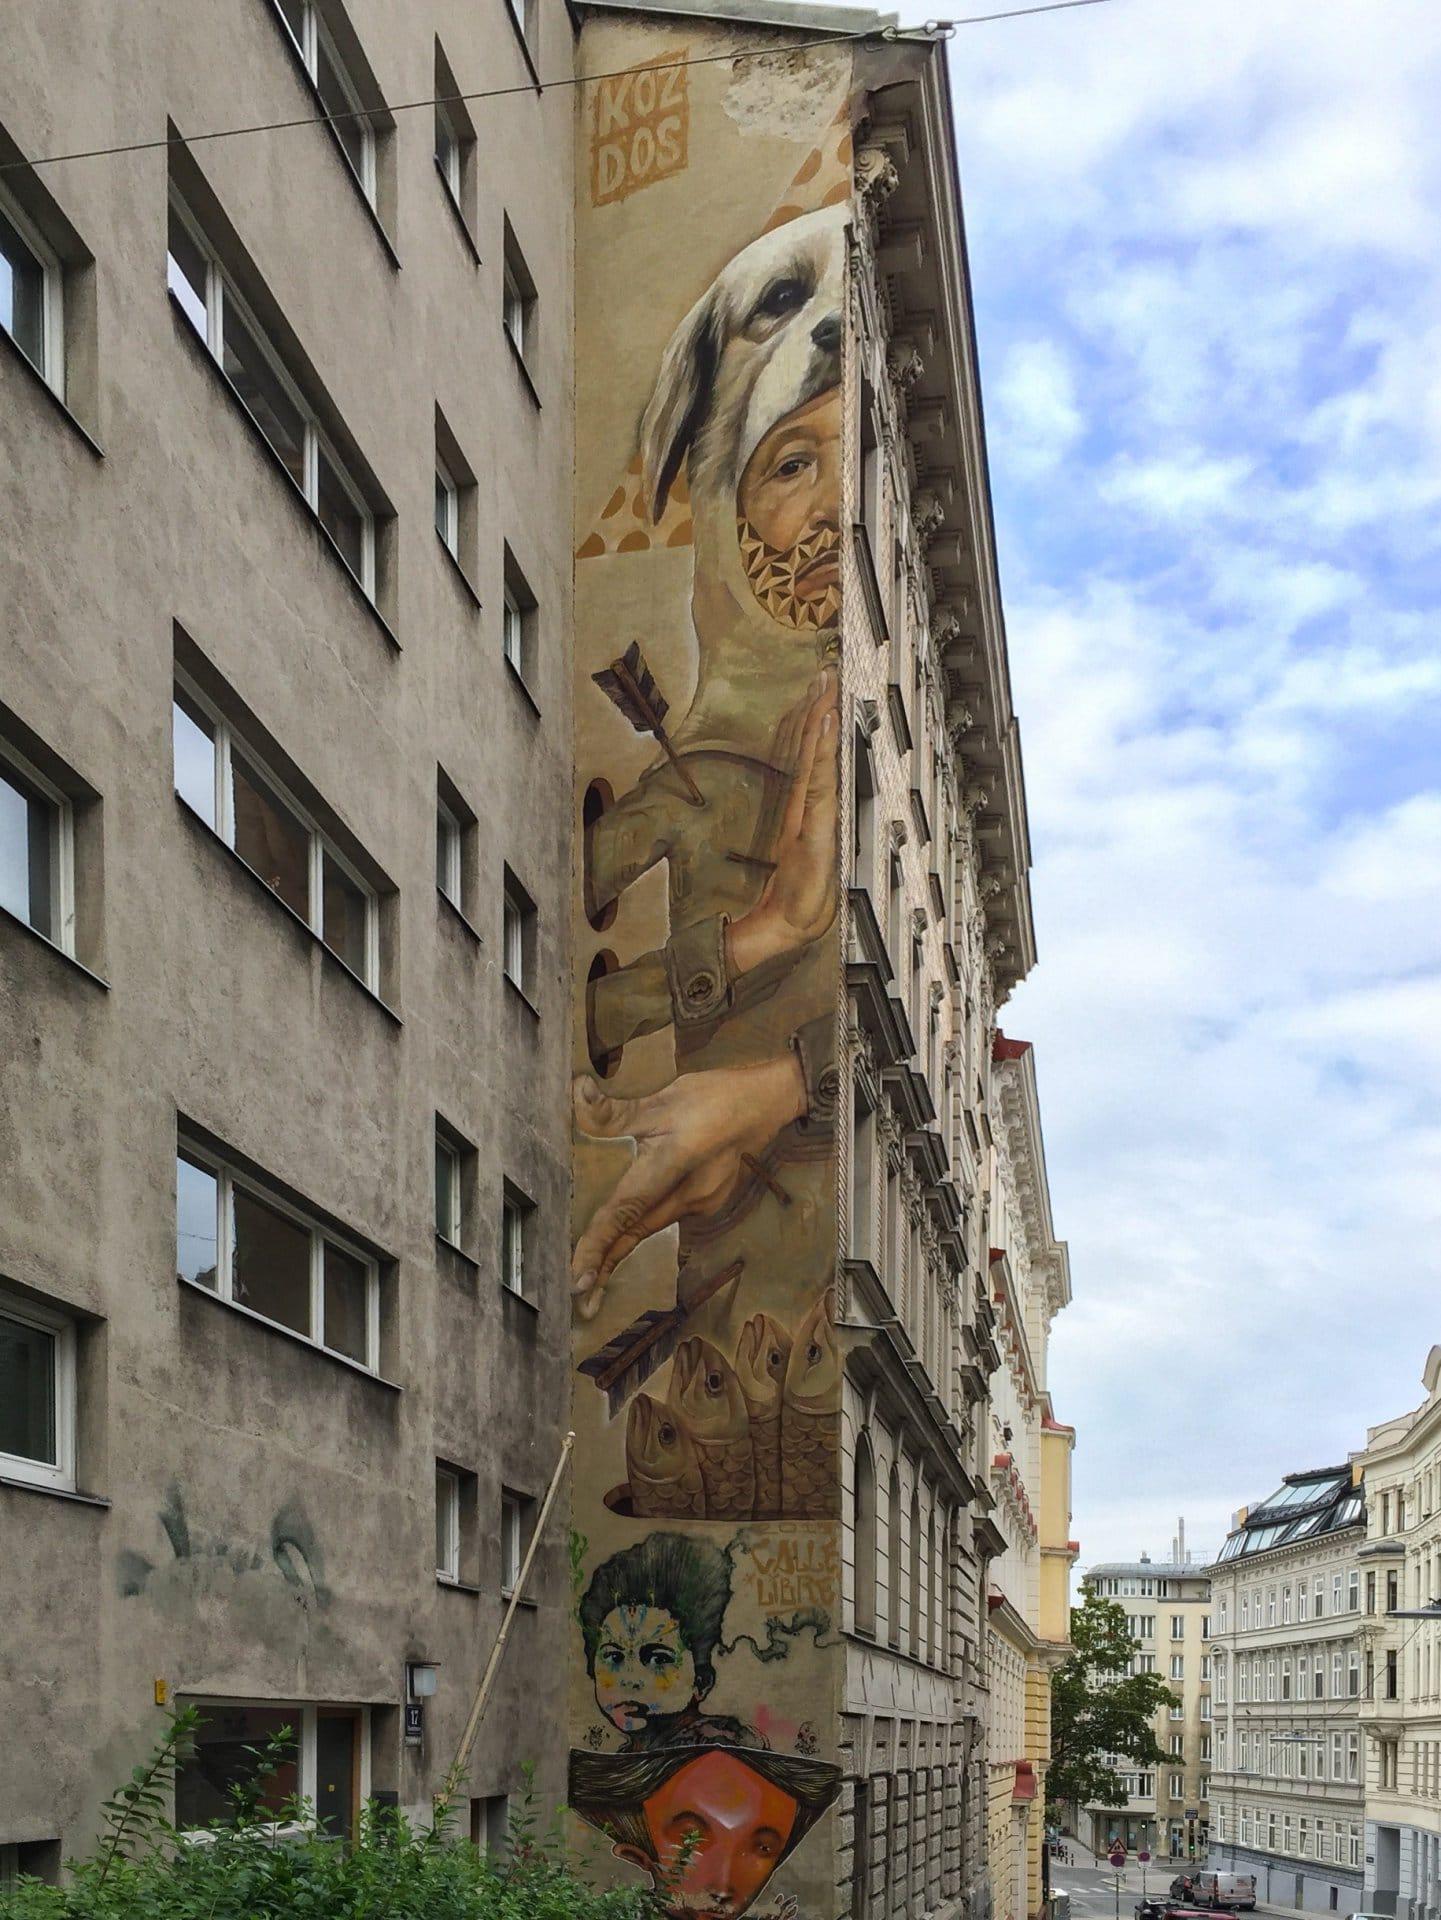 2016 08 12 streetart 1